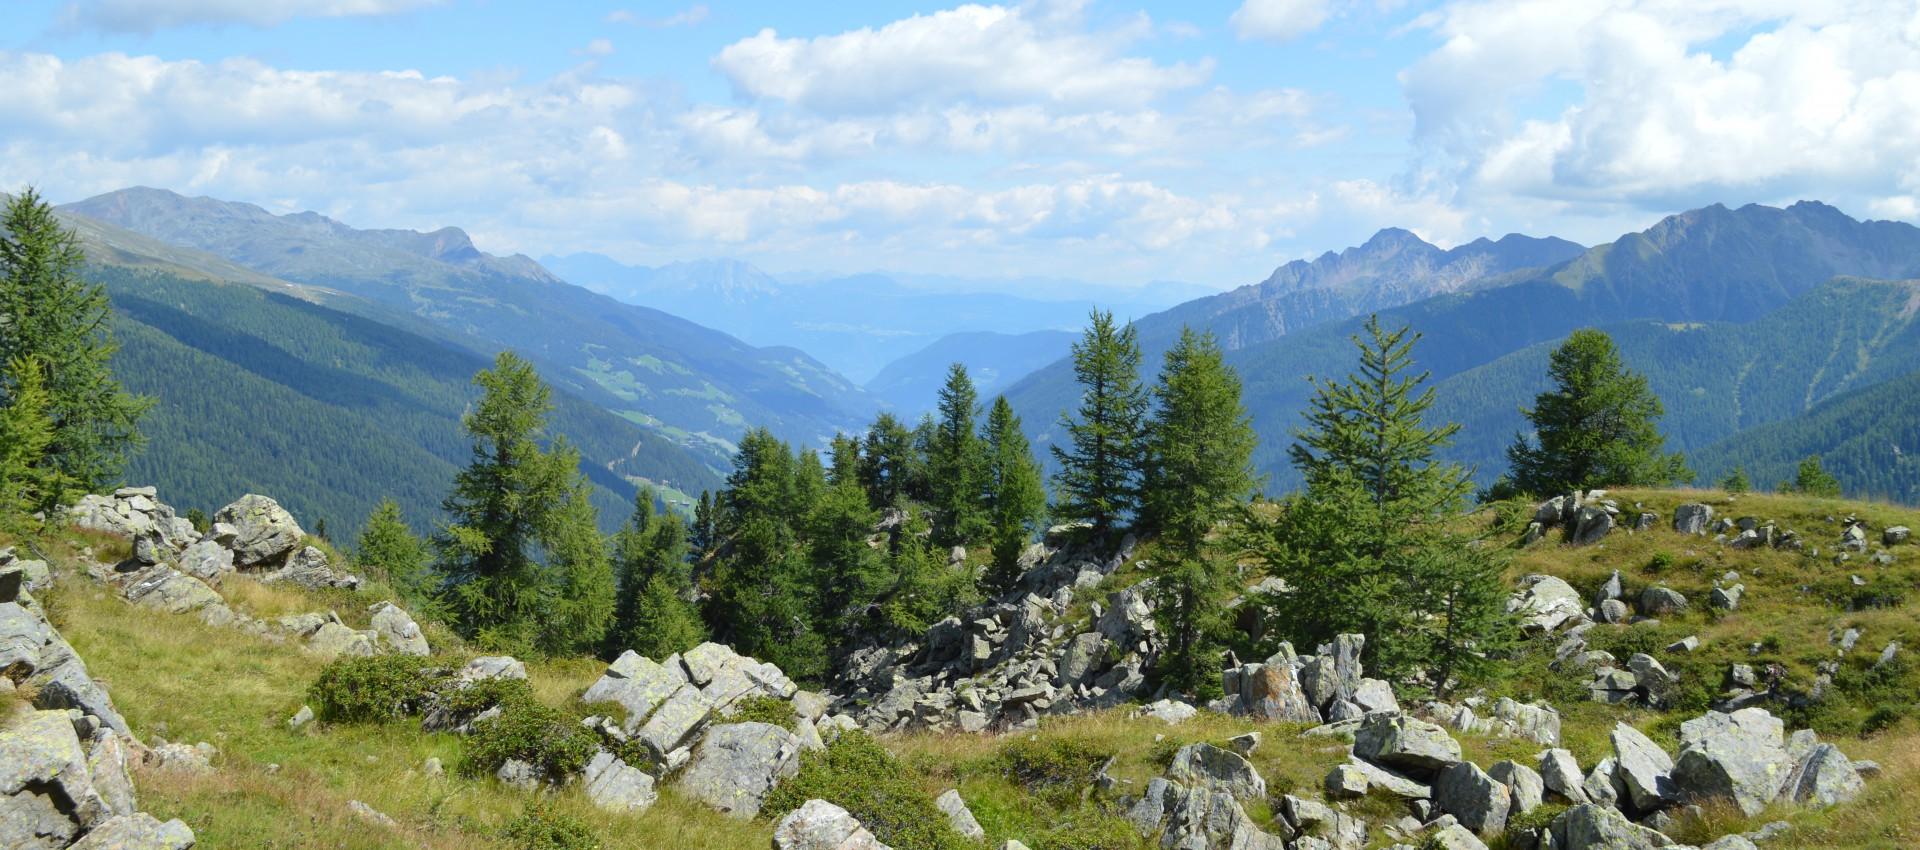 Aussicht Ultental - Wanderhotel in Sütirol - 4 Sterne - Pfeiss - bei Meran